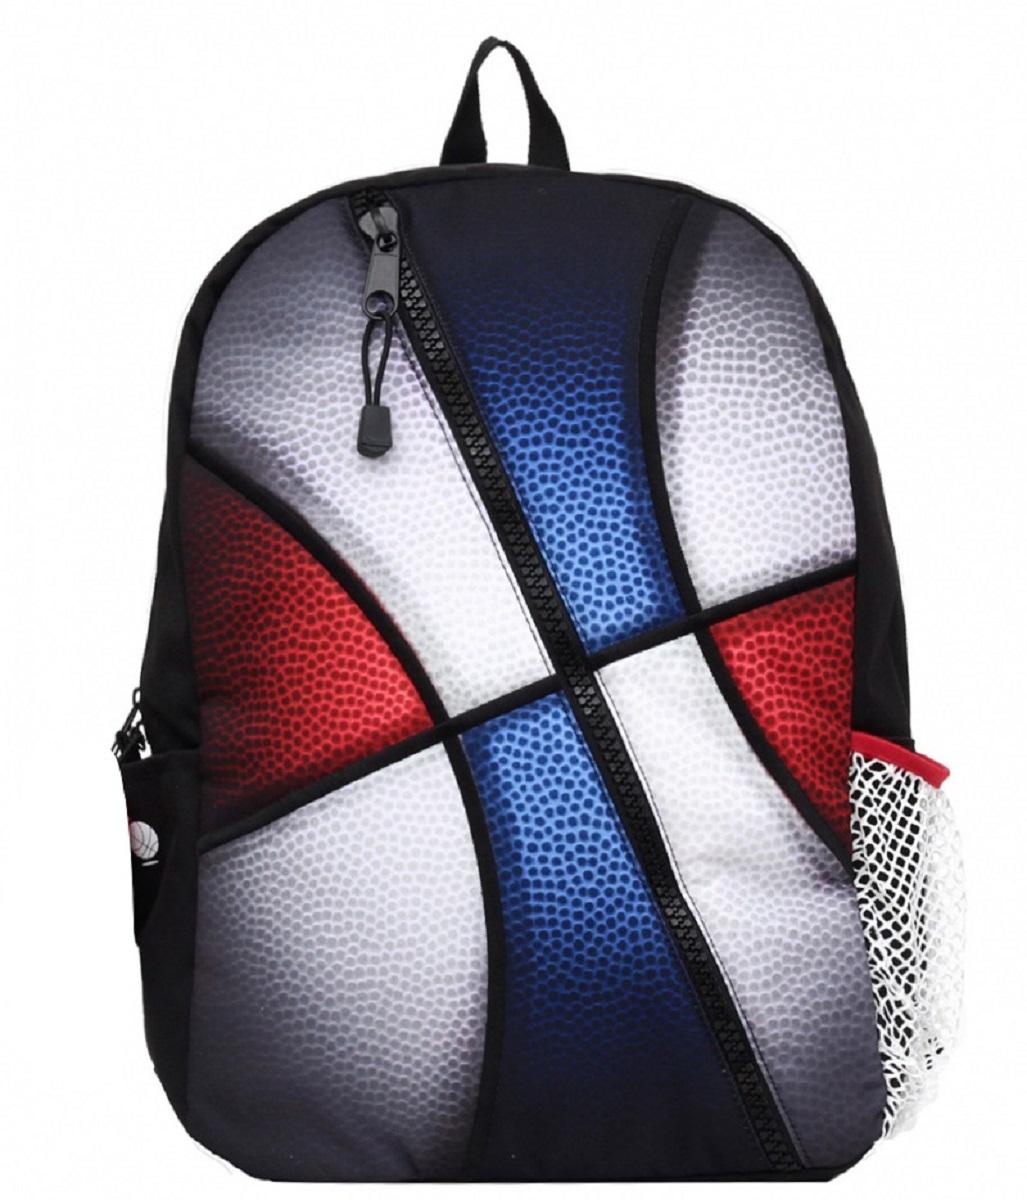 Рюкзак молодежный Mojo Sport, 20 лPFCB-UT1-392Особенности рюкзака Mojo:Выполнен из высококачественного полиэстера и покрыт полиуретановым слоем, препятствующим выгоранию на солнце и проникновению внутрь воды.Вместительный отсек для вещей, а также отсек для планшета с плотной подкладкой.Переносить рюкзак удобно за прочную текстильную ручку.Уплотнены ремни, спинка и дно рюкзака.Мягкие регулируемые наплечные лямки.Фирменная массивная молния Mojo.Светится в ультрафиолете.